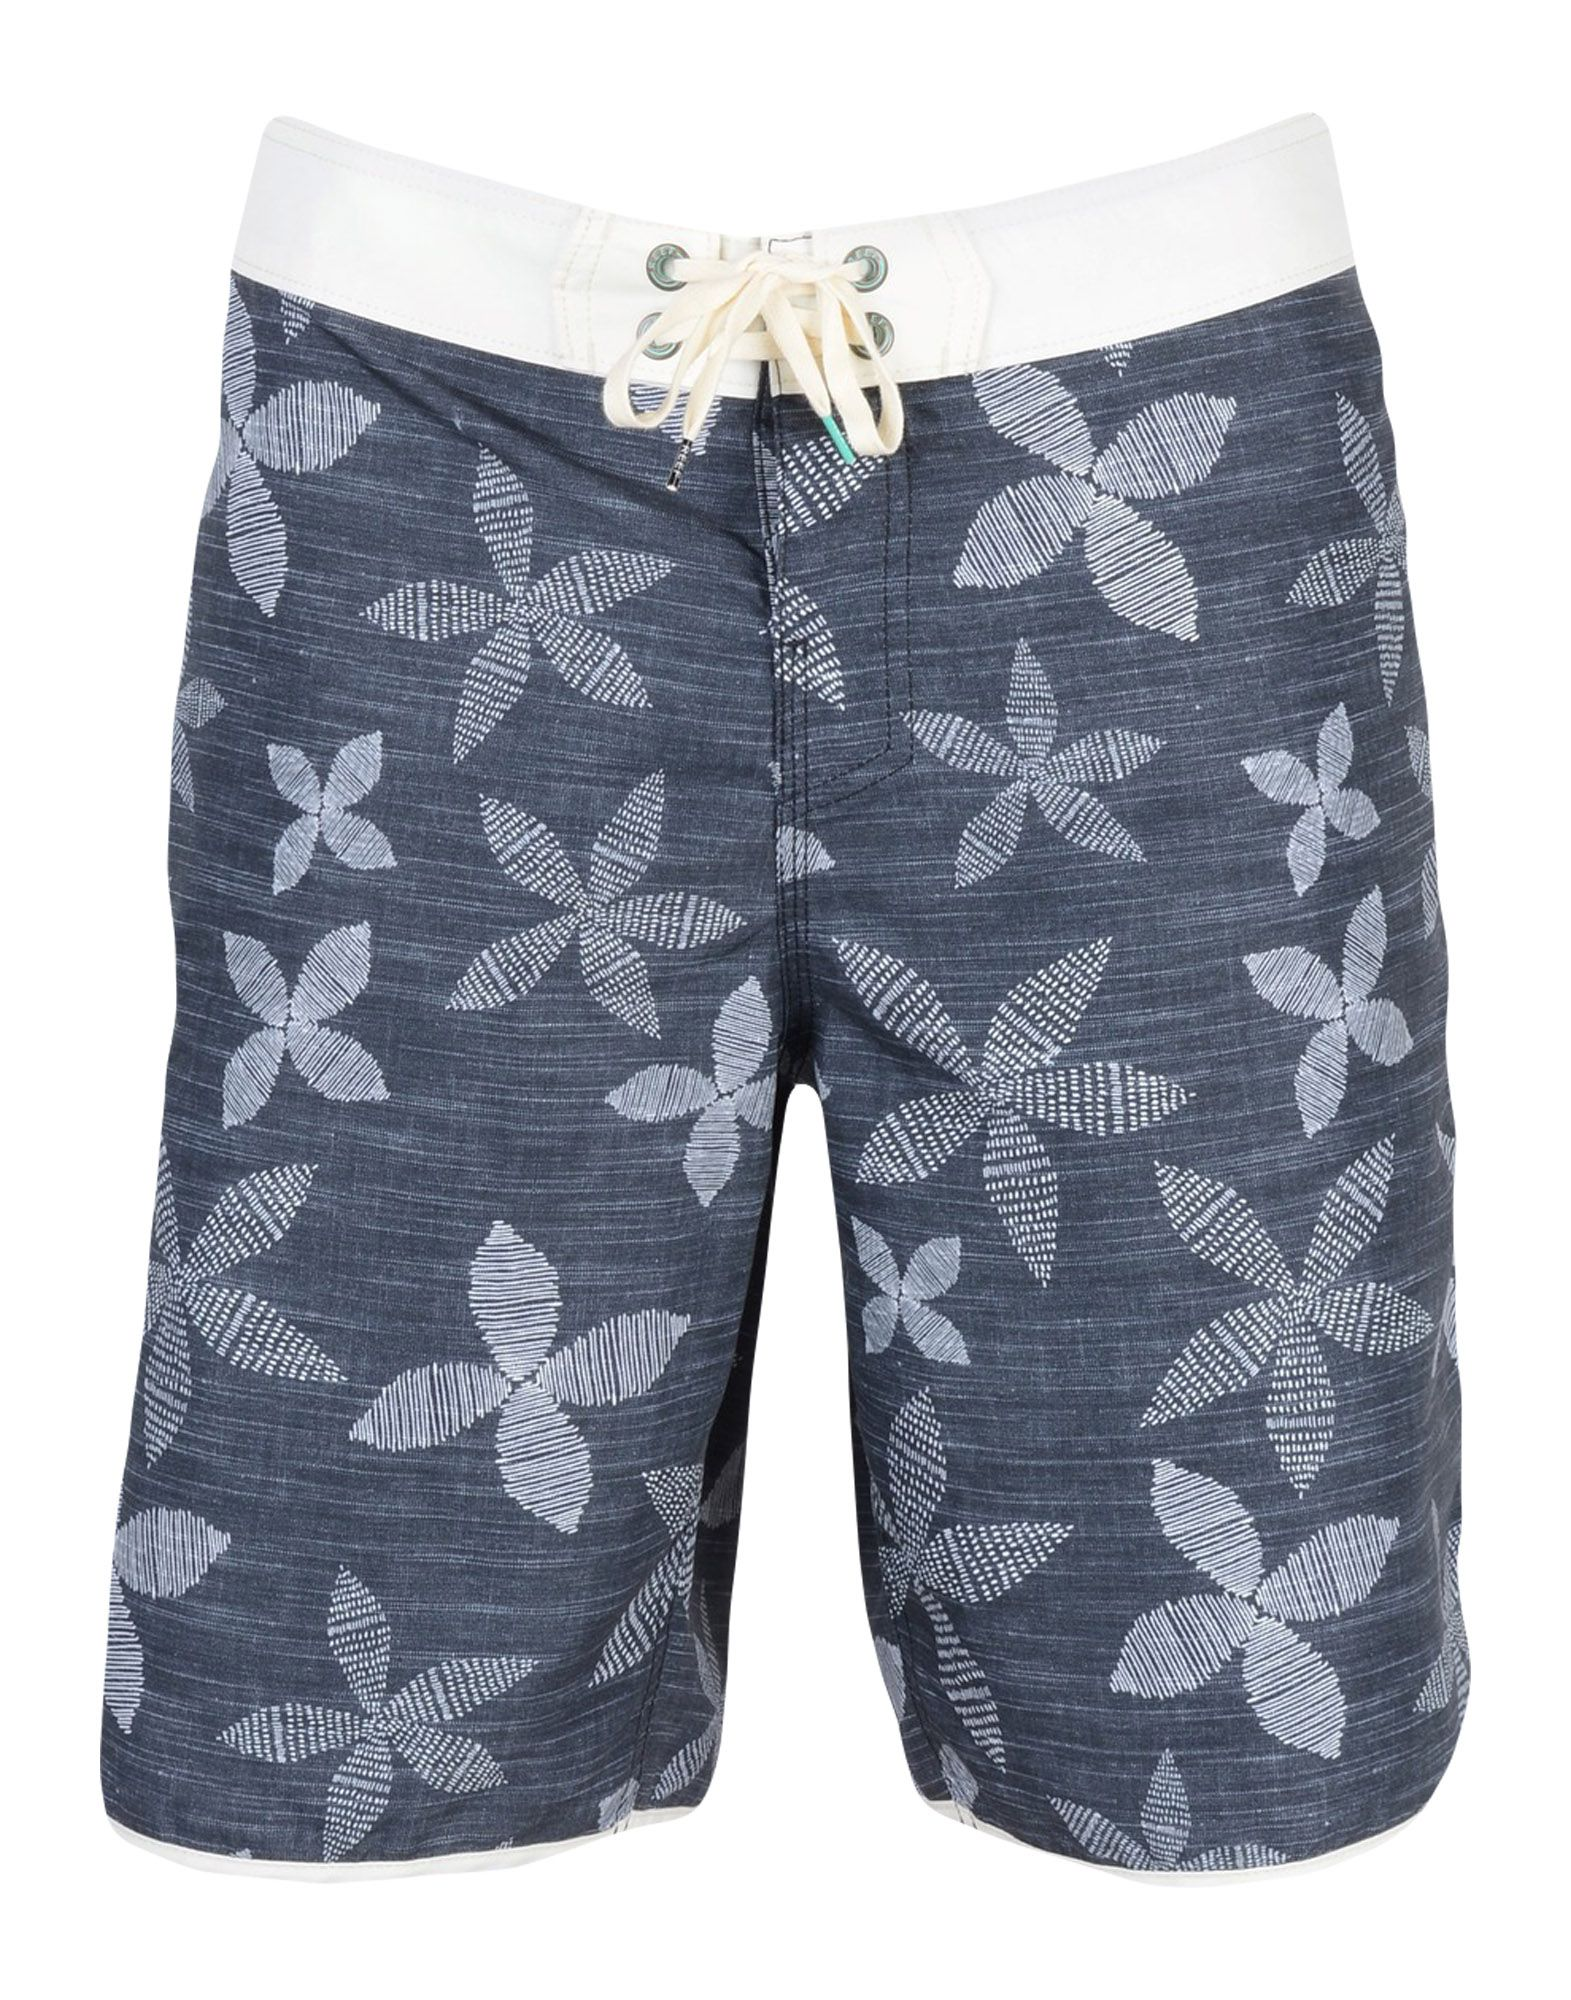 REEF Пляжные брюки и шорты пляжные брюки quelle buffalo london 616169